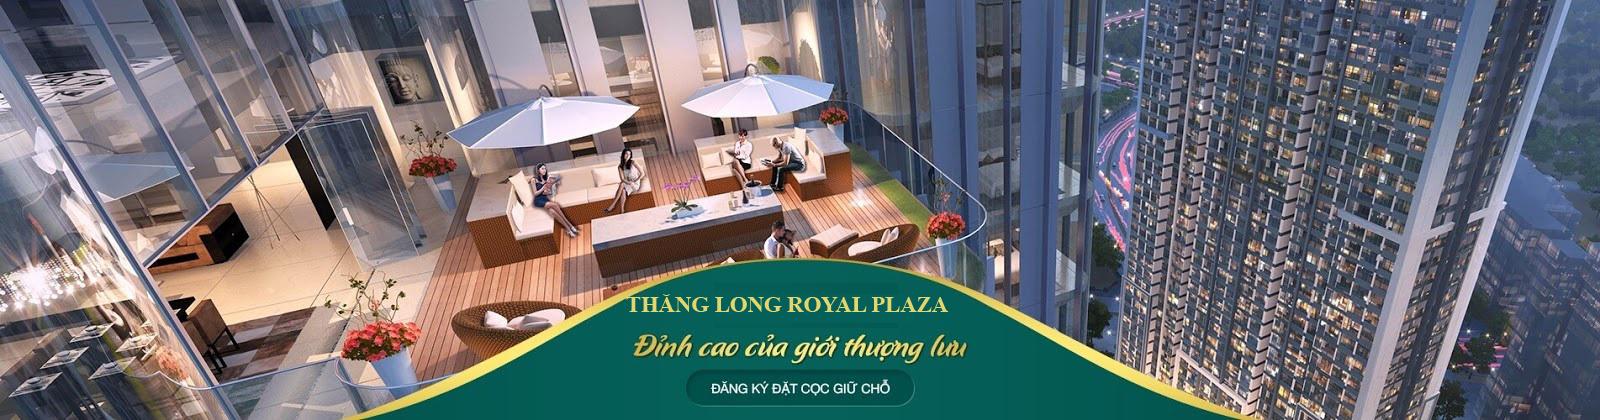 slider_bg_plane_Chung cư Thăng Long Royal Plaza